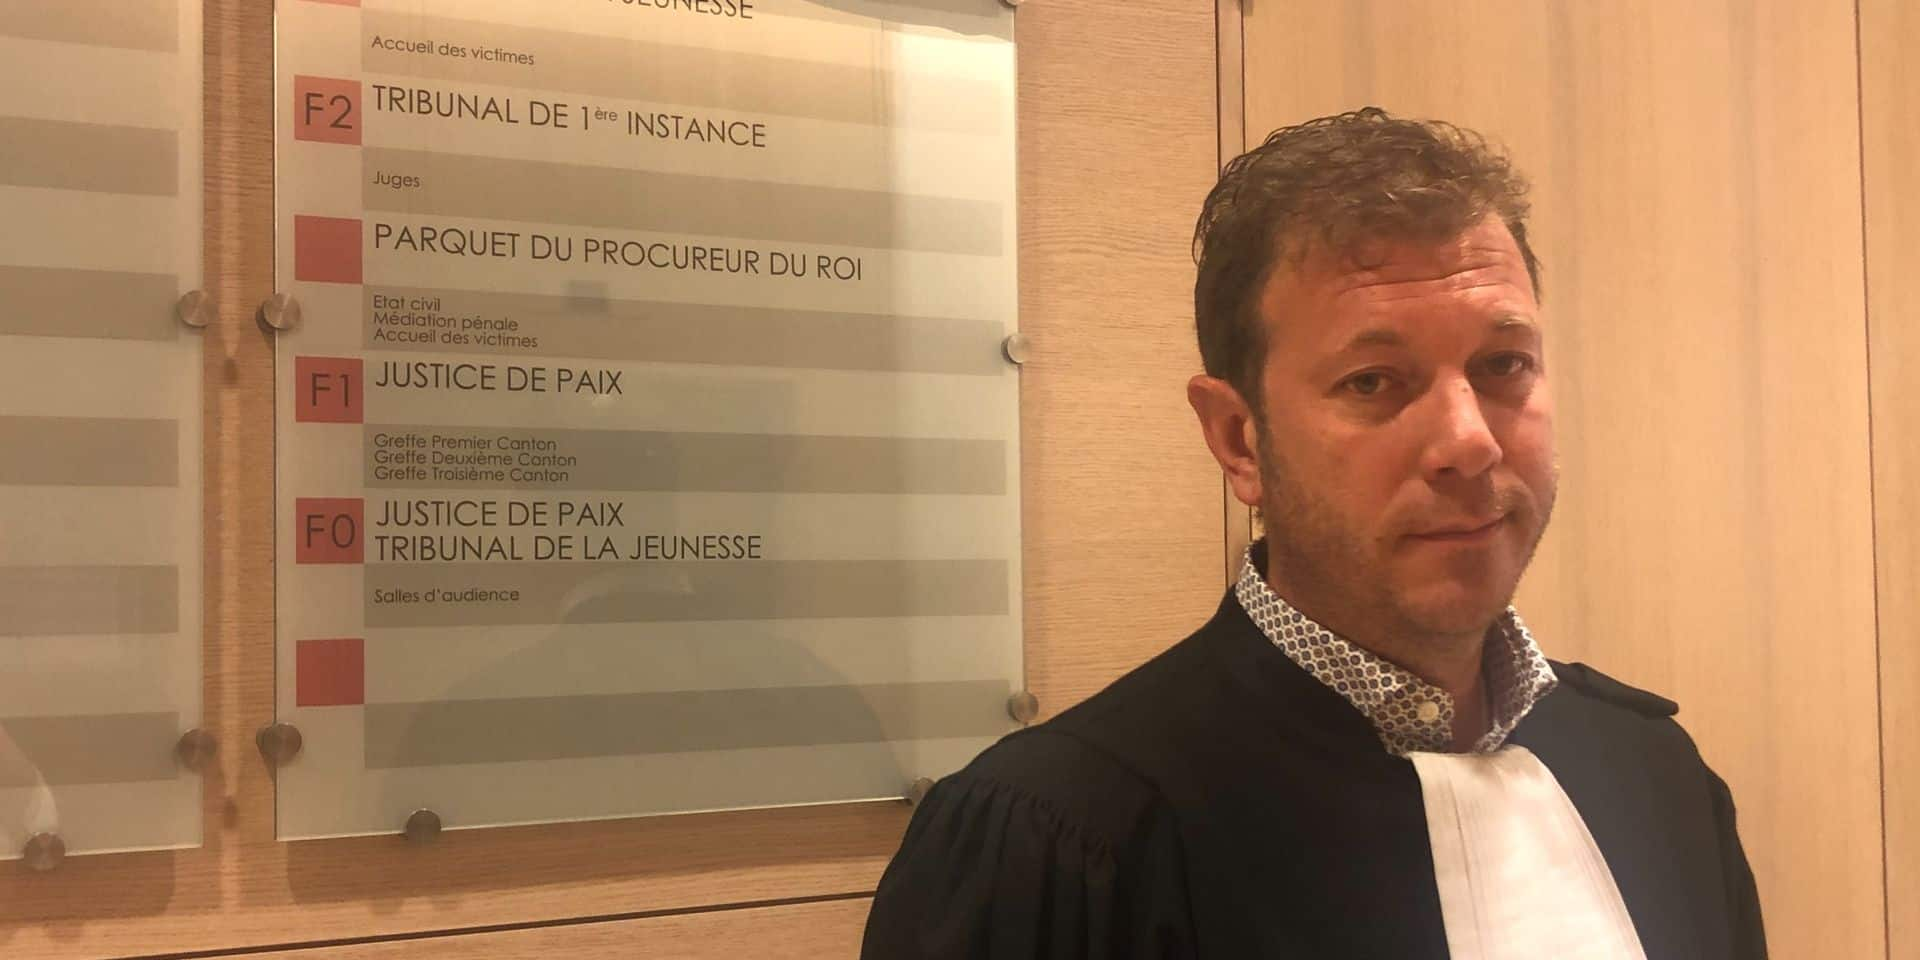 Hamoir : Le mineur qui a commis l'accident mortel sous bracelet